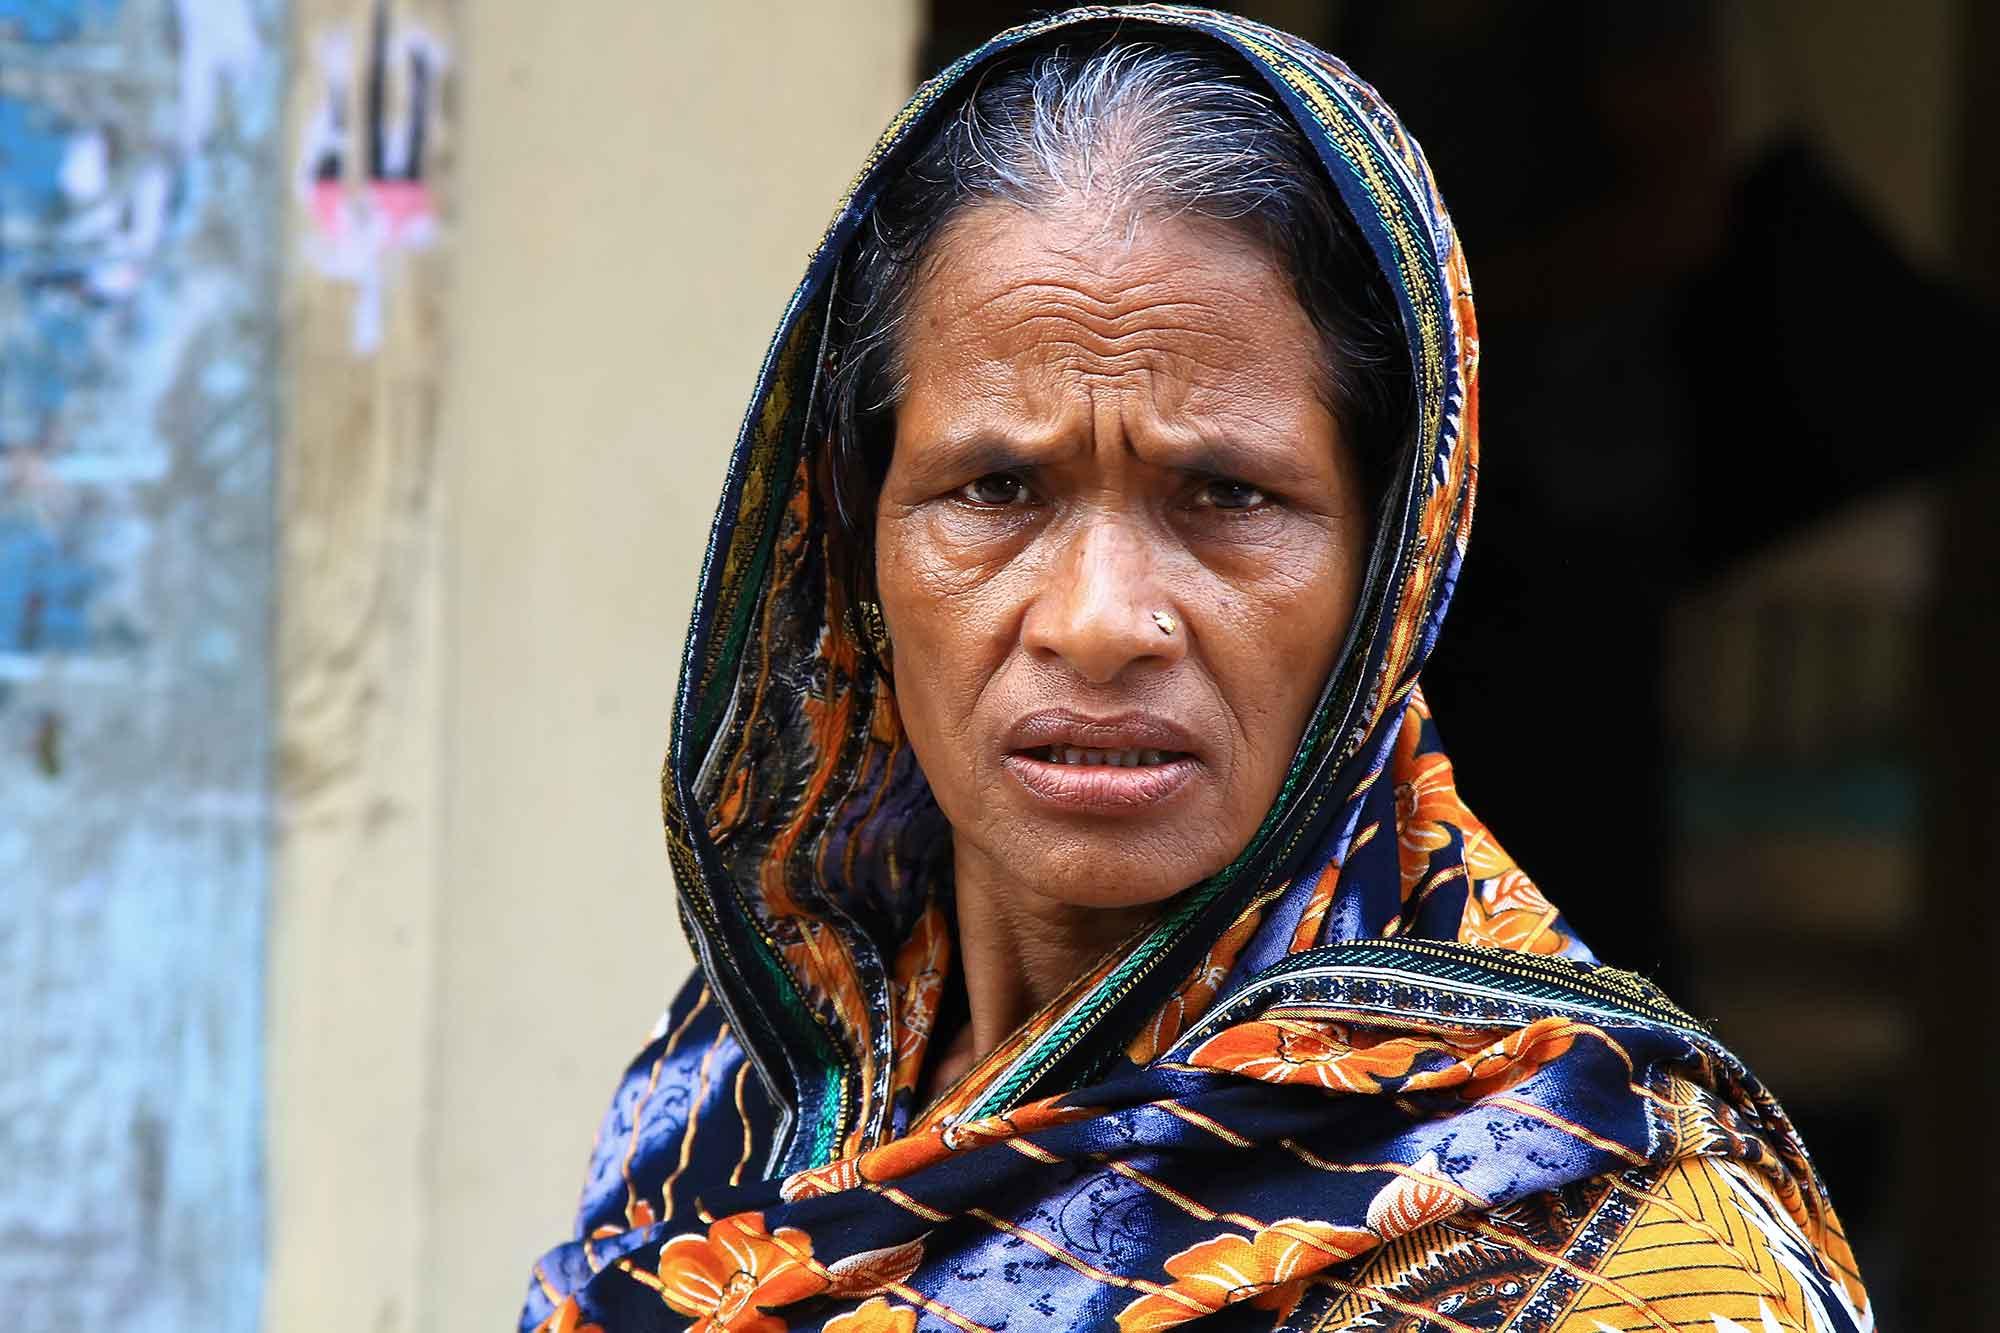 portrait-woman-with-scarf-dhaka-bangladesh